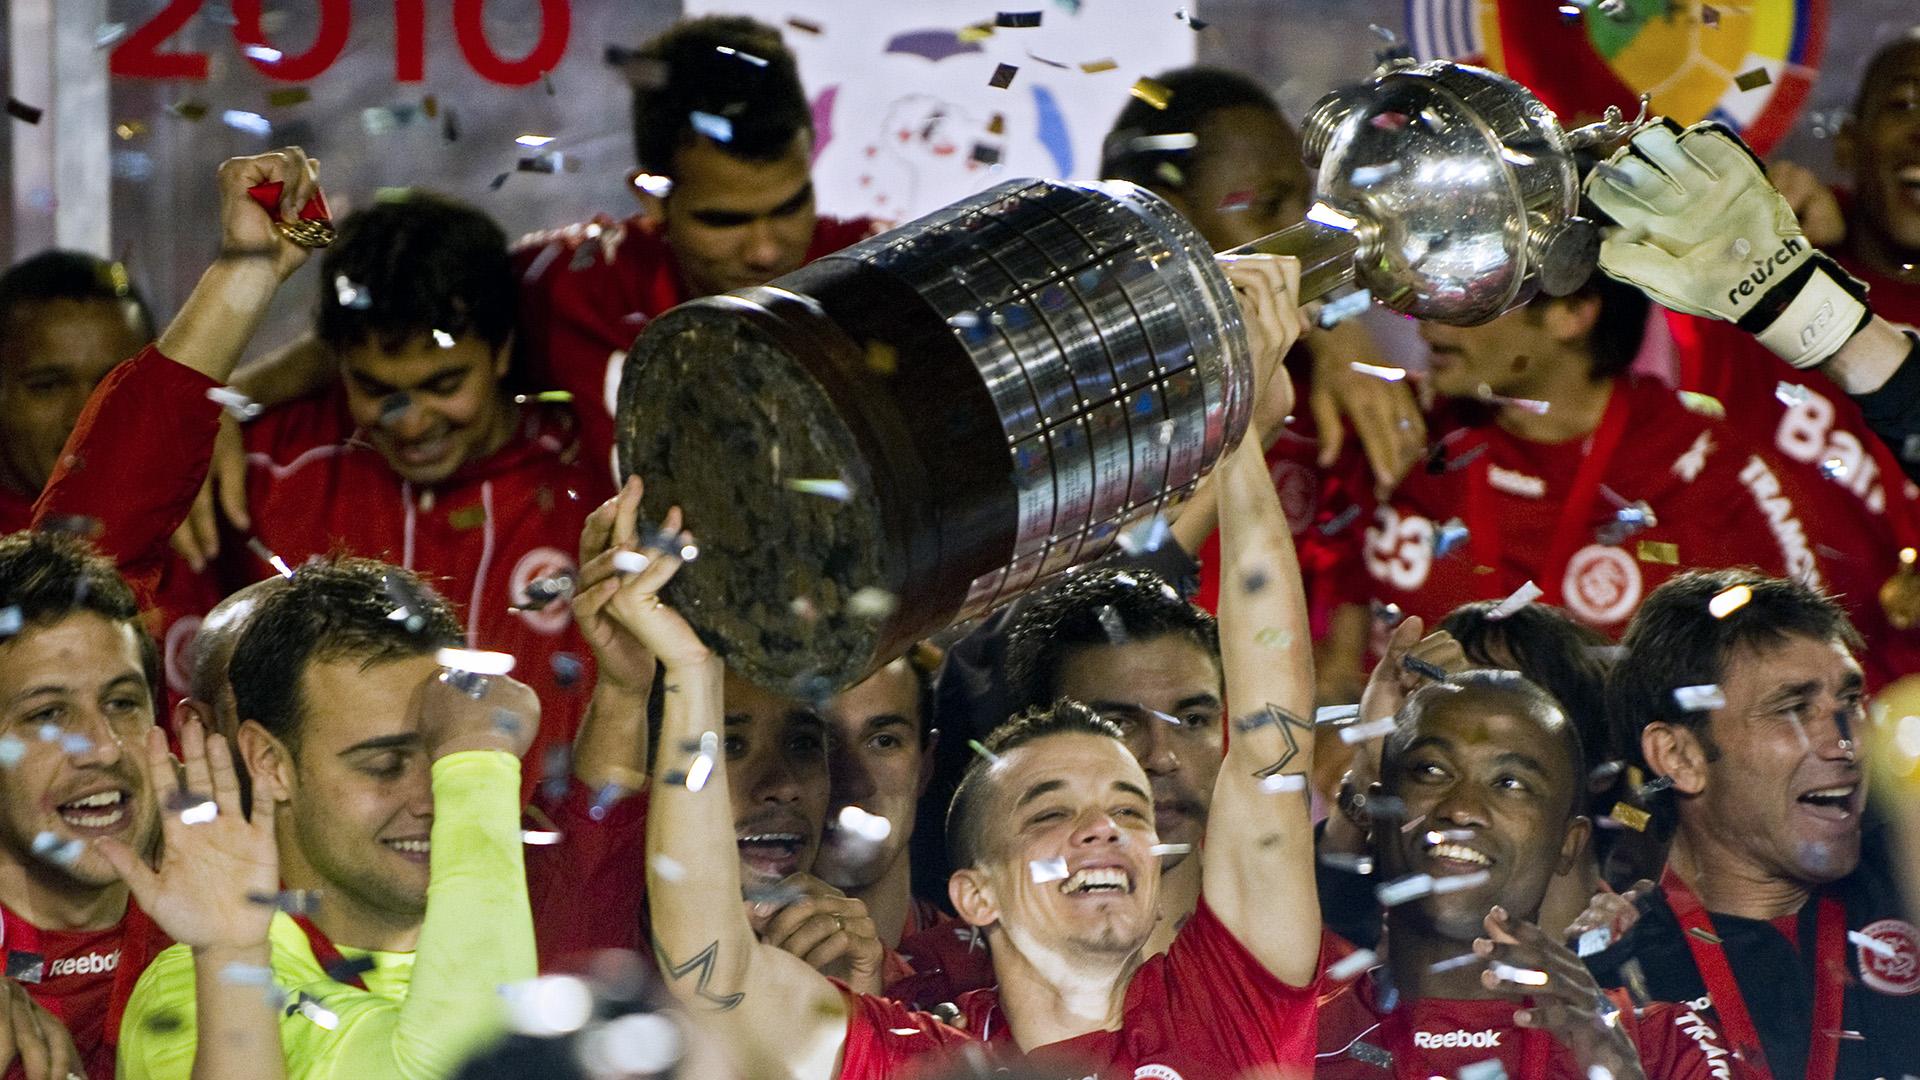 2010 D'alessandro Internacional campeão Copa Libertadores